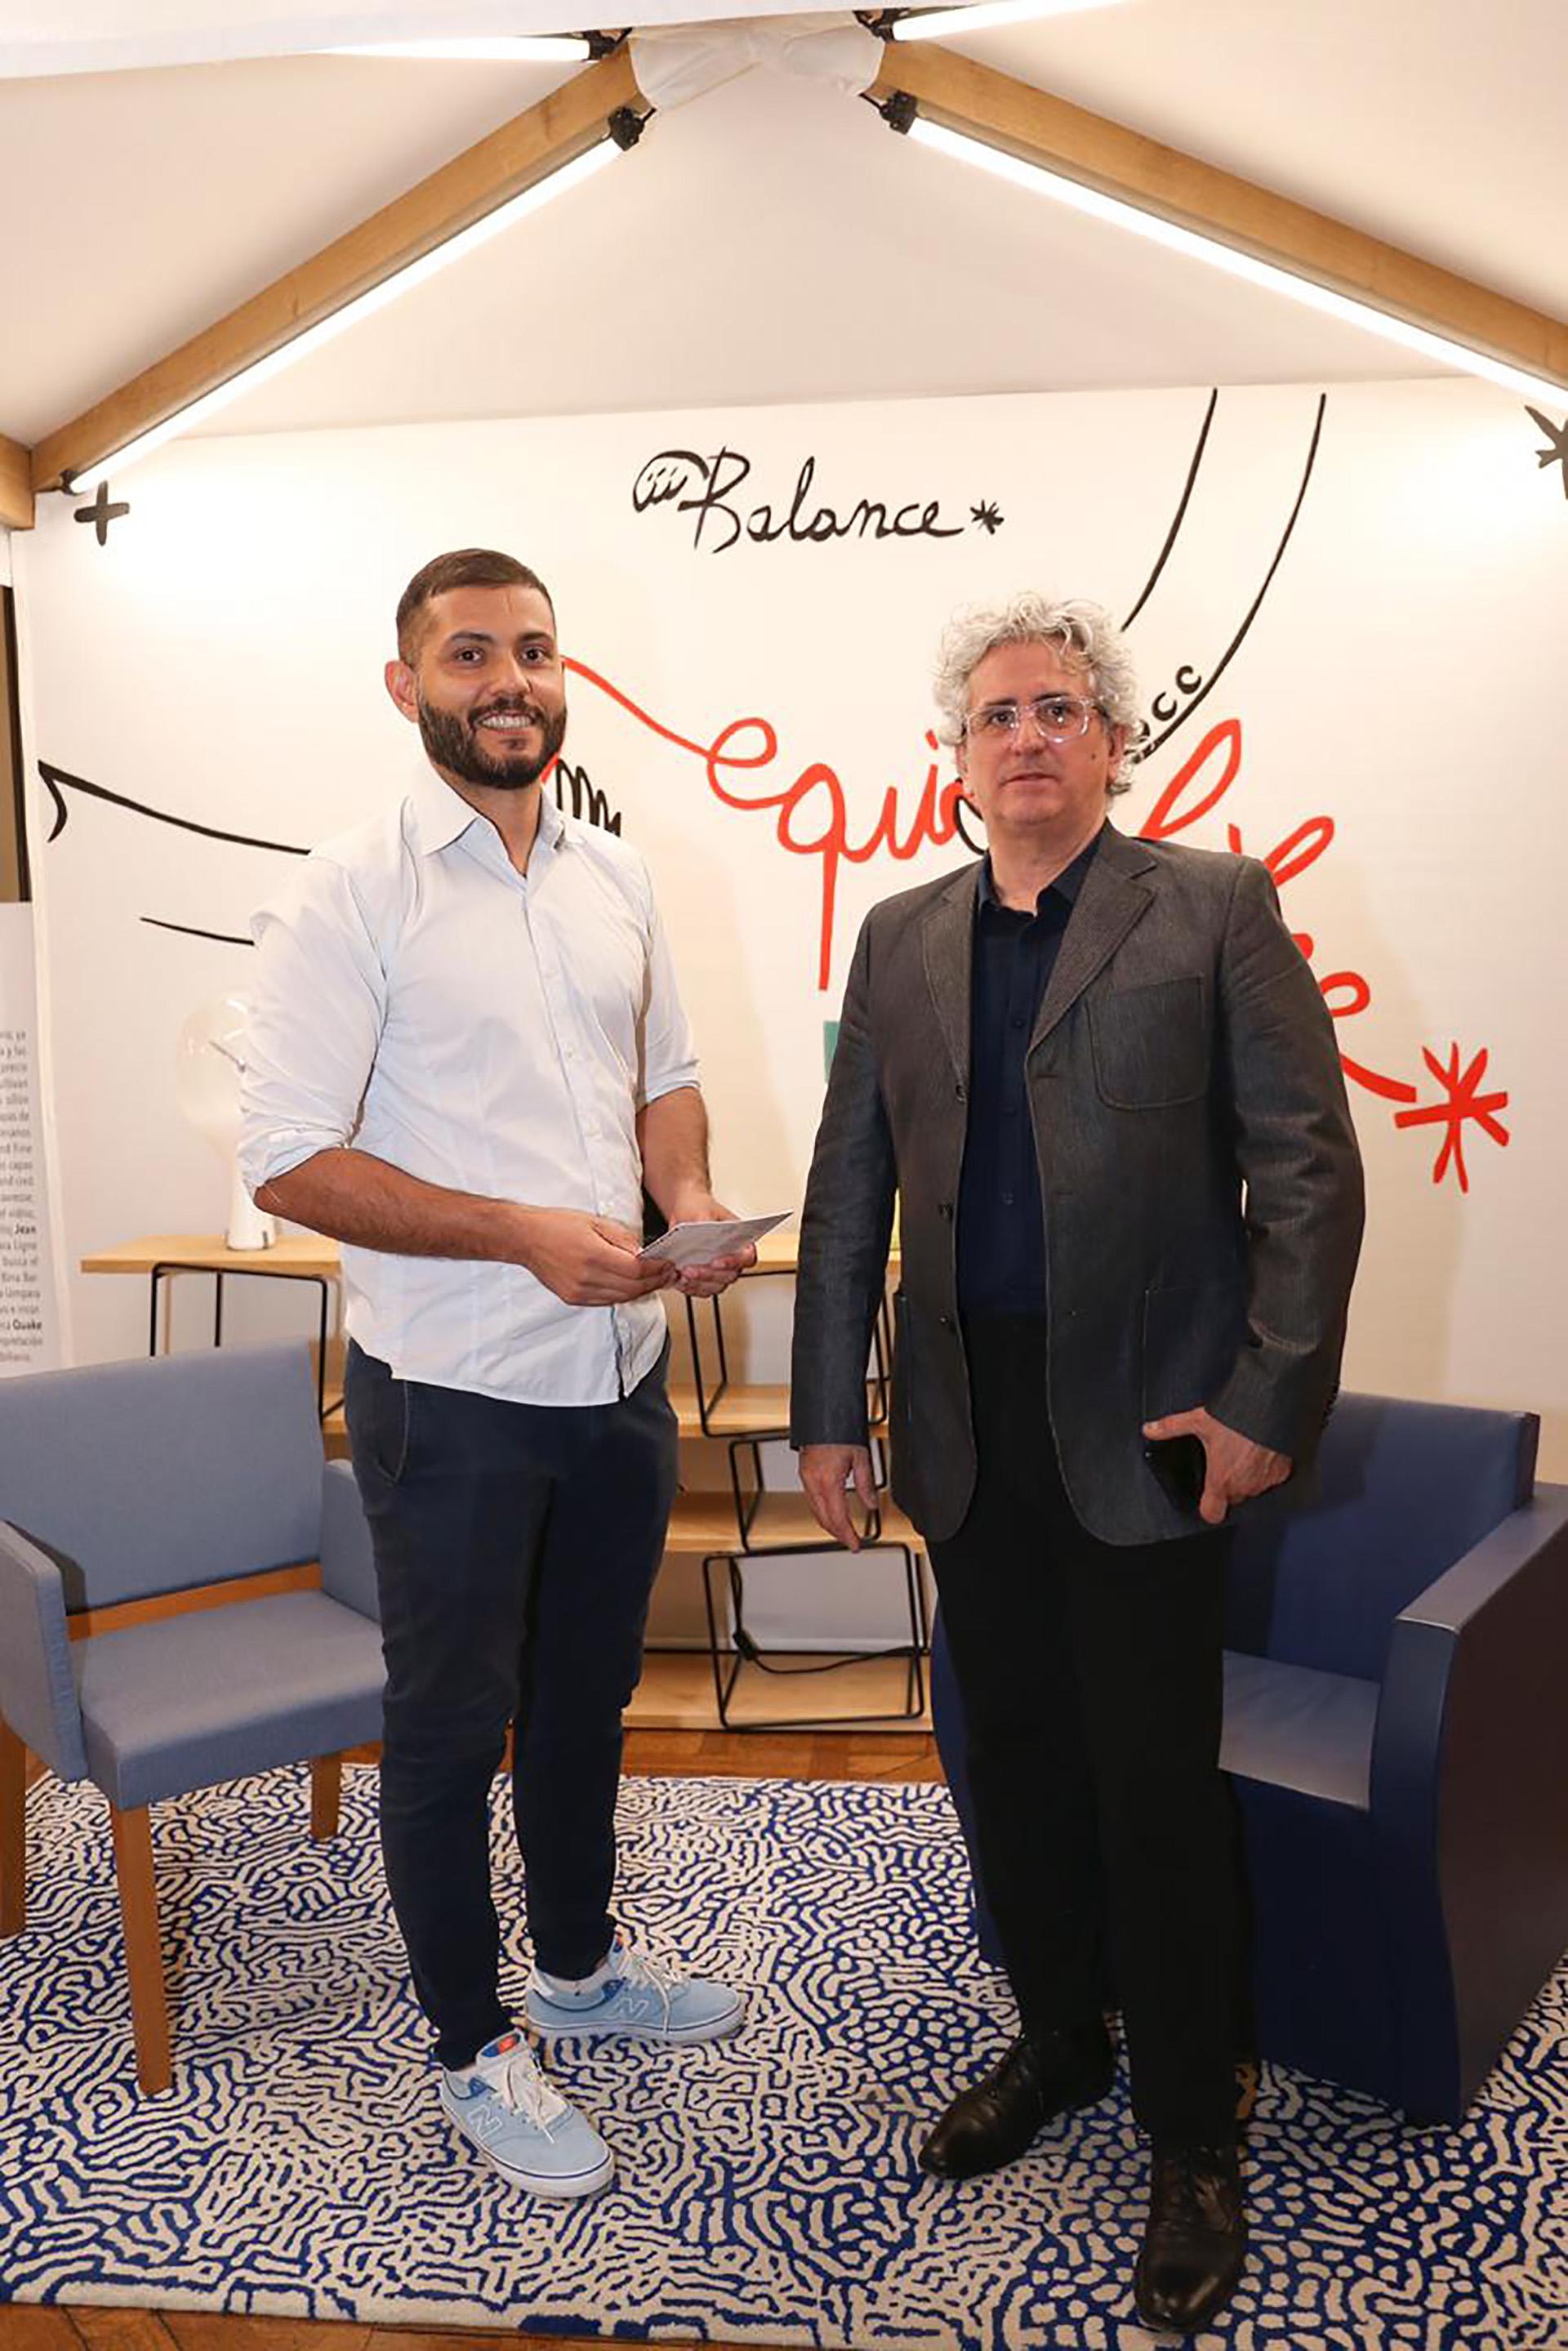 El diseñador industrial Cristian Mohaded junto a Julio Oropel, fundador de dAra